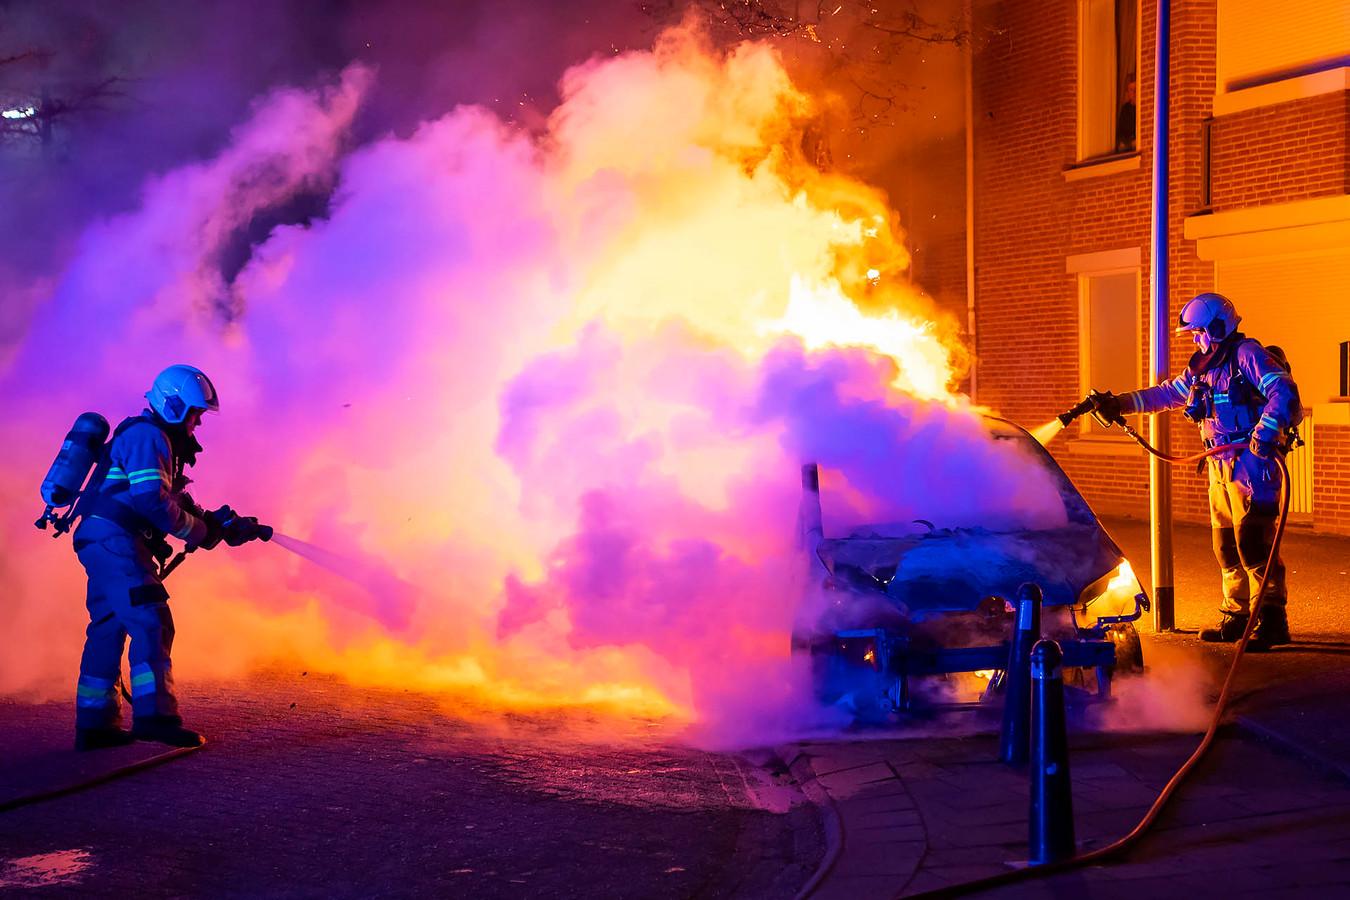 Bij aankomst van de brandweer bleek de auto al niet meer te redden